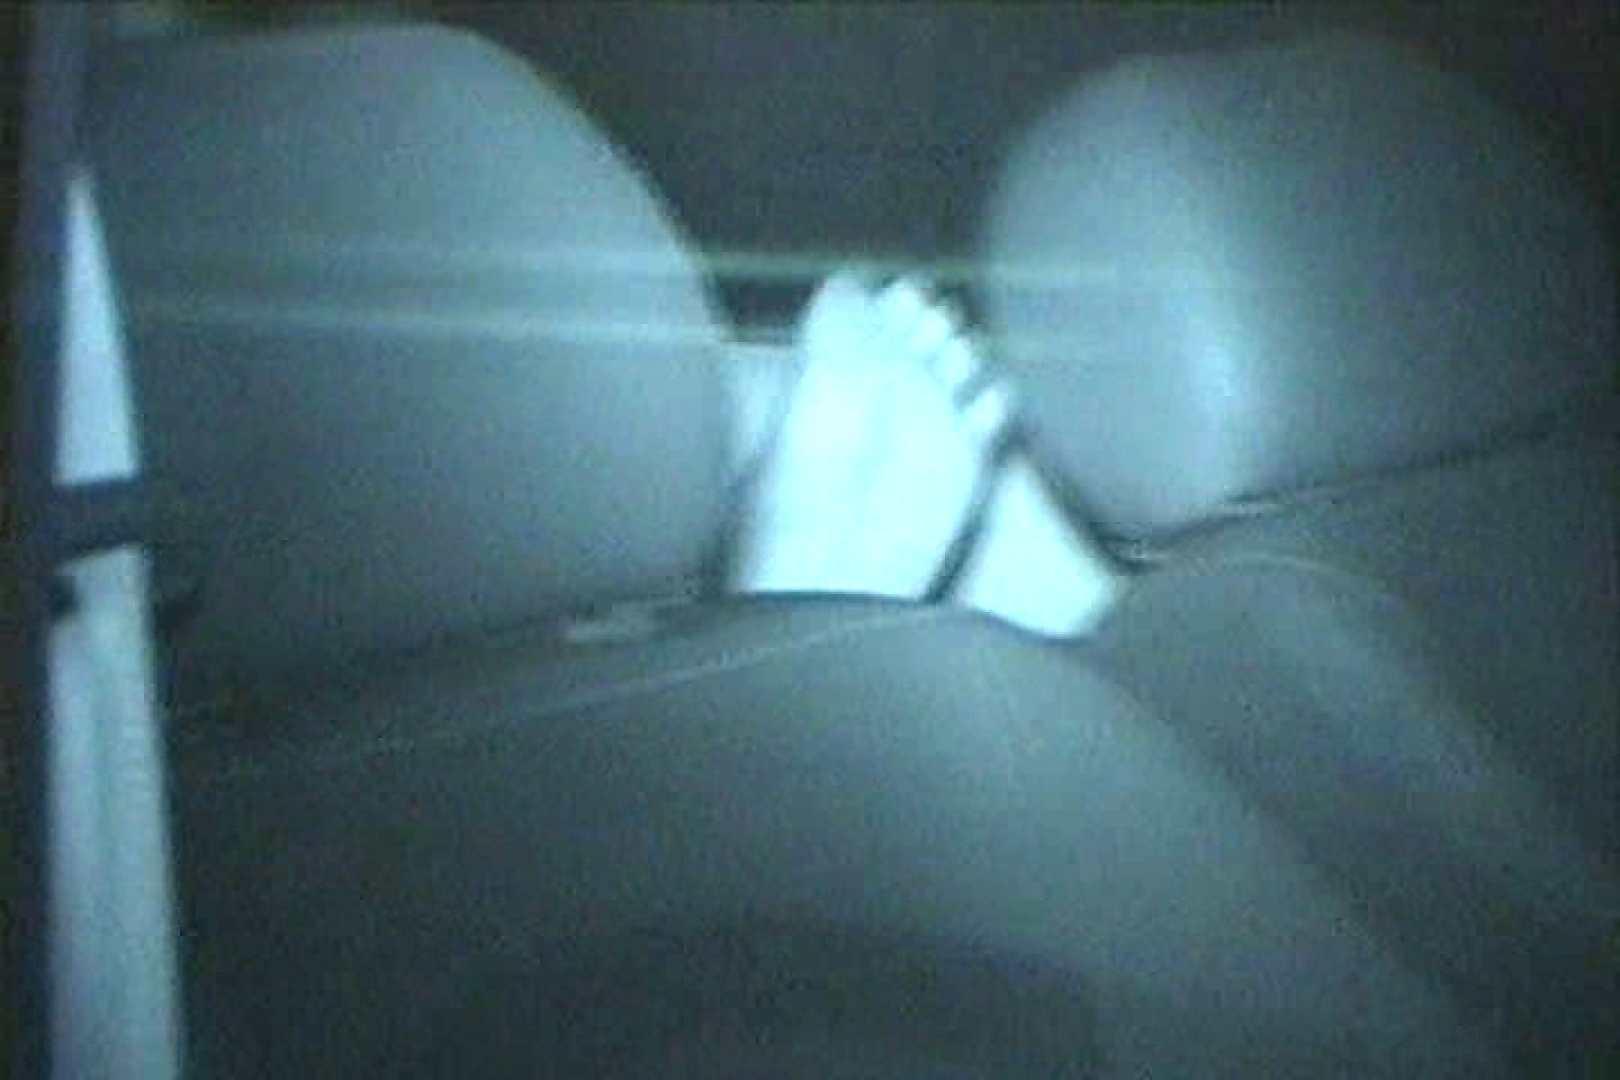 車の中はラブホテル 無修正版  Vol.24 ホテル スケベ動画紹介 78pic 77